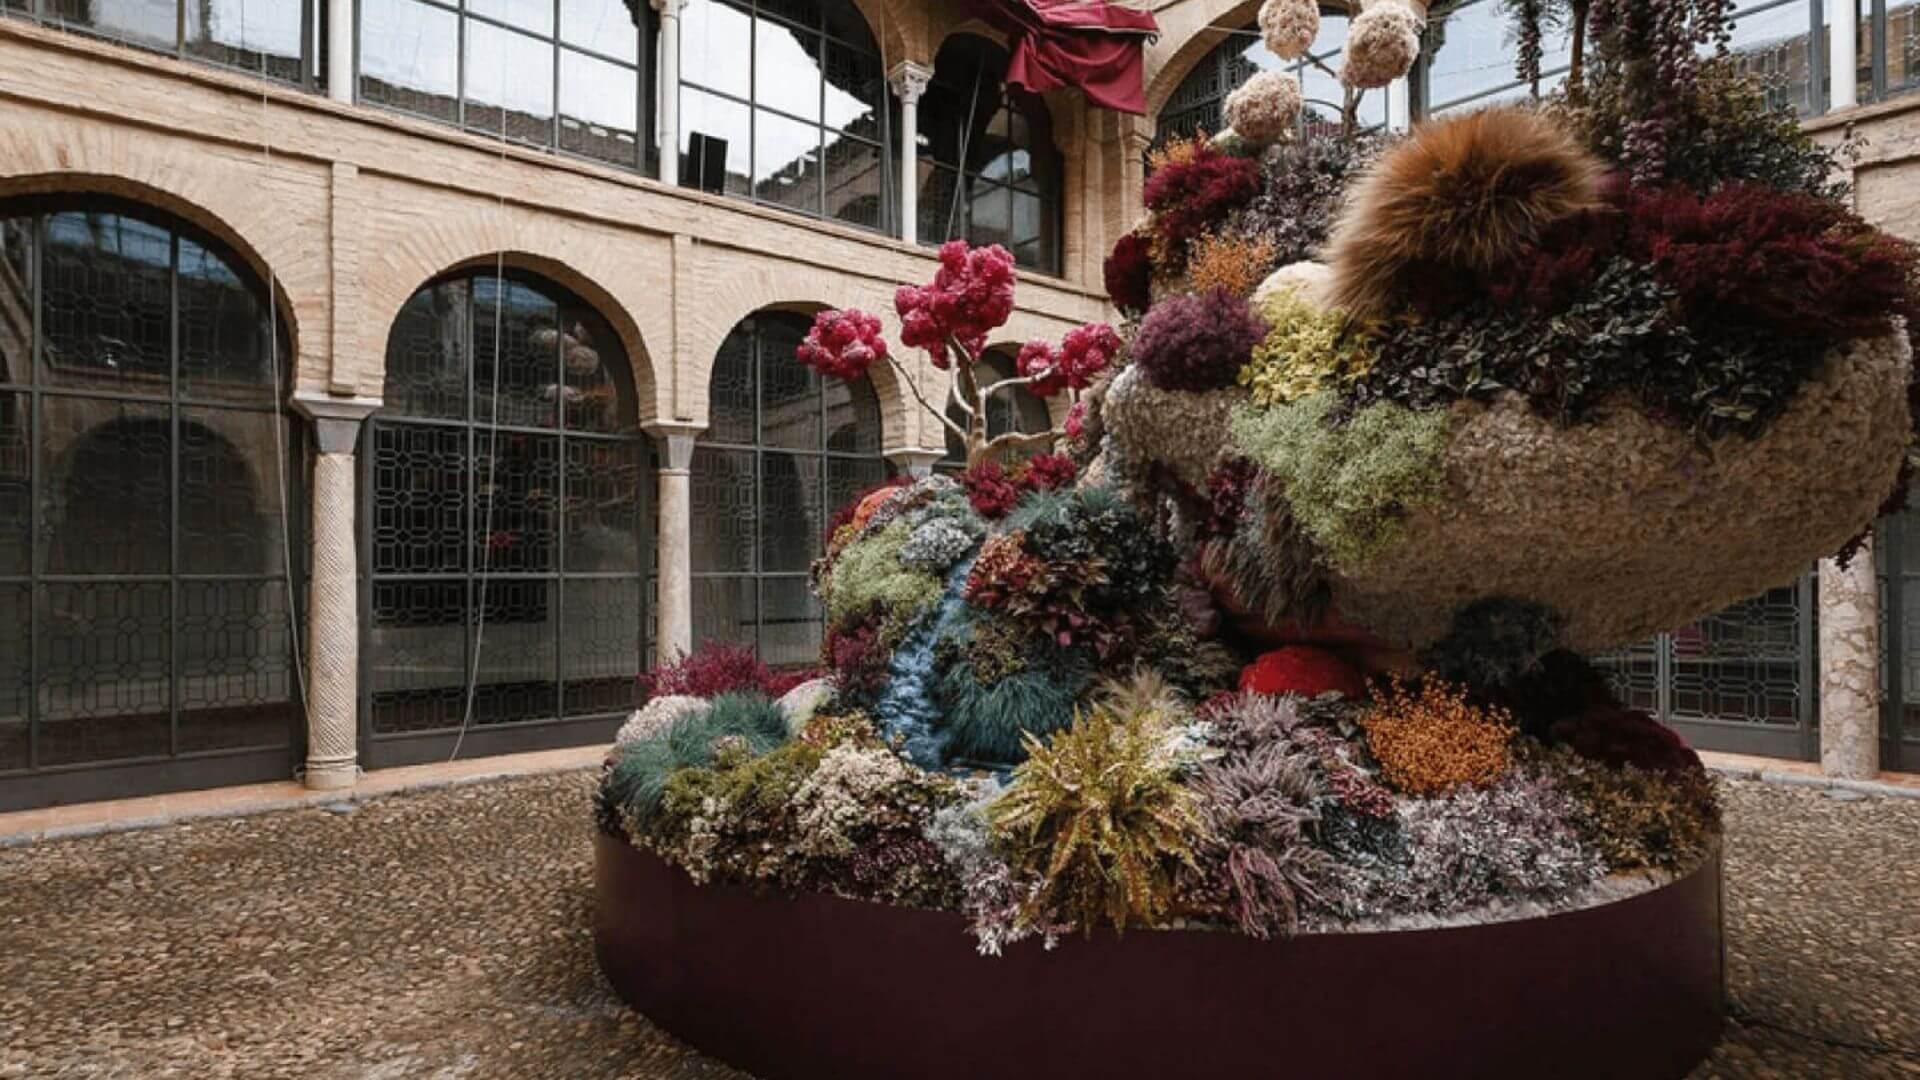 Cuatro artistas contemporáneos y colectivos creativos a los que seguir la pista